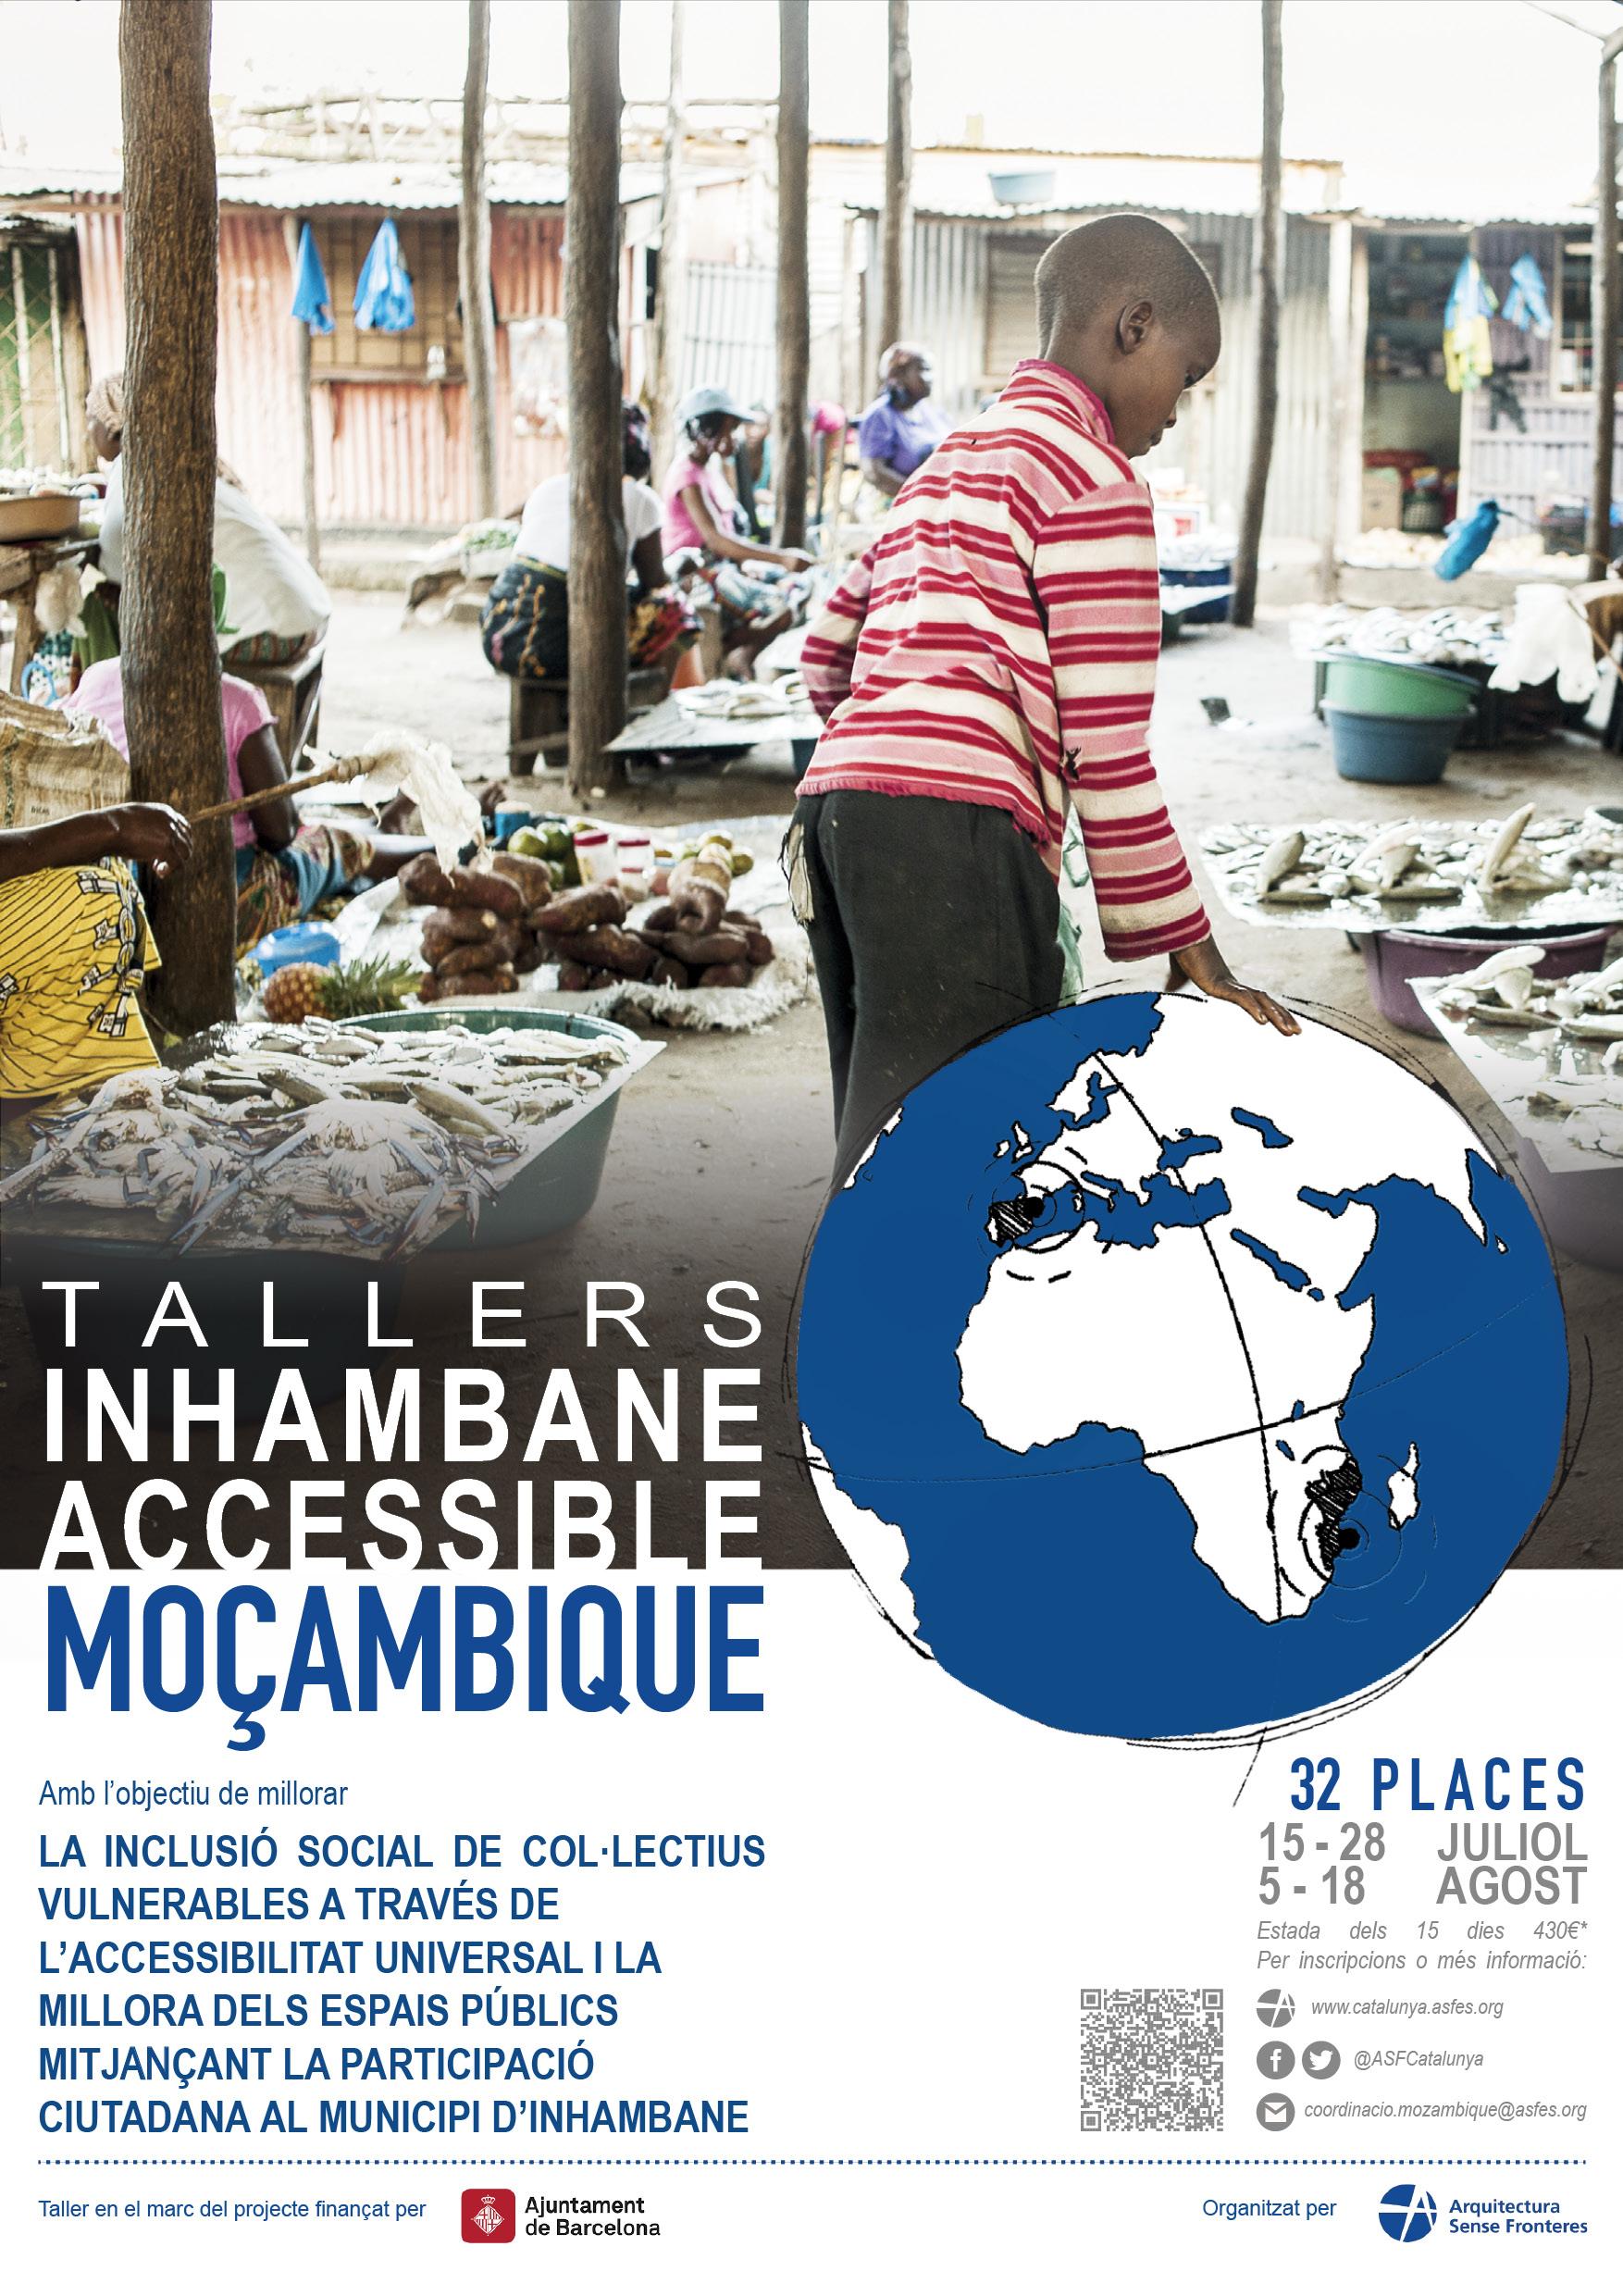 Voluntariat Estiu 2018: Vols Participar En Un Taller D'accessibilitat A Moçambic?